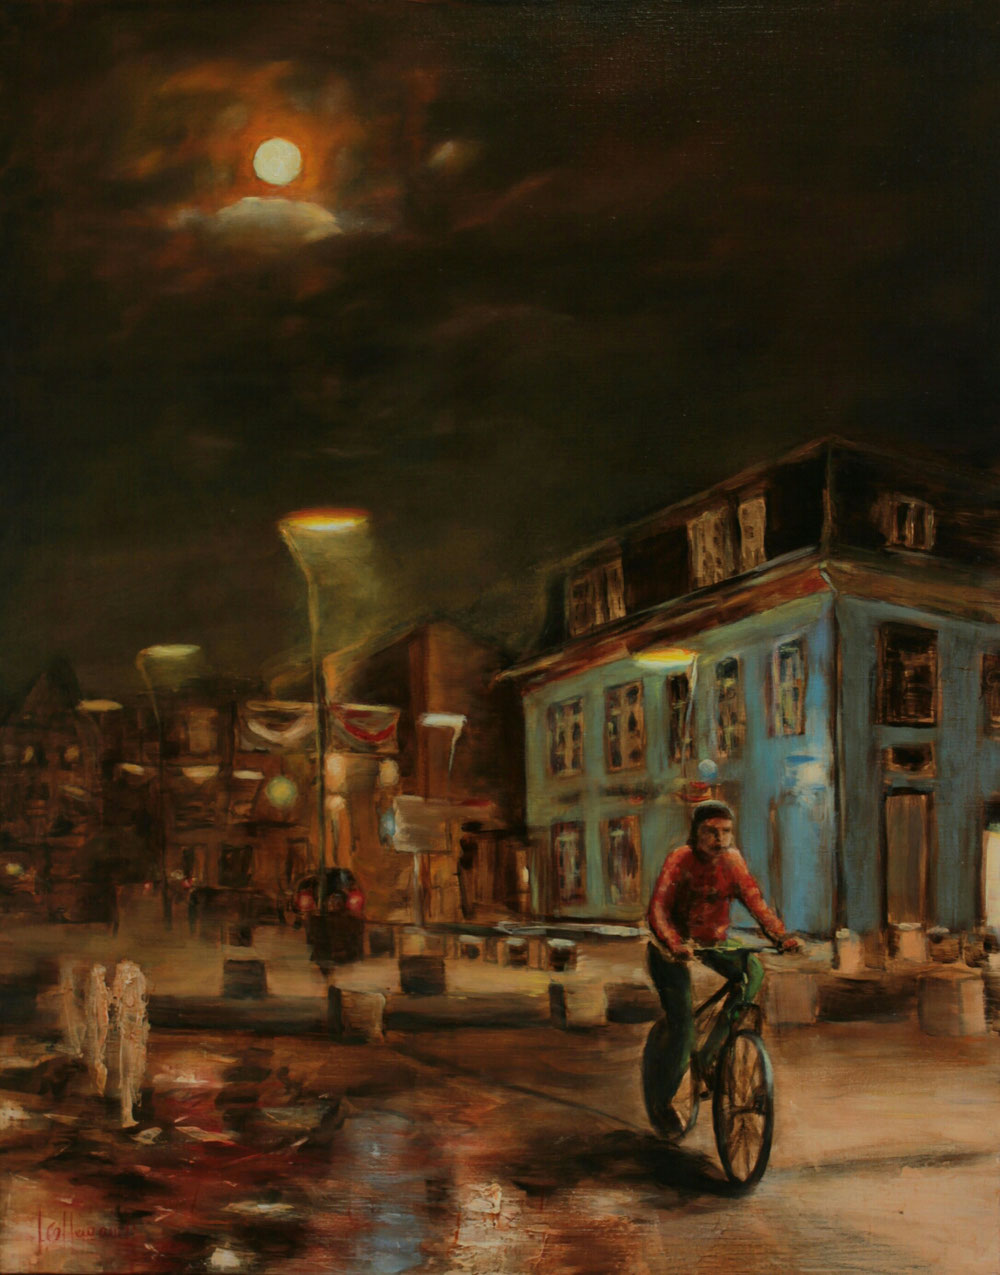 Dans la nuit. Huile sur toile  80 x 100 collection privée